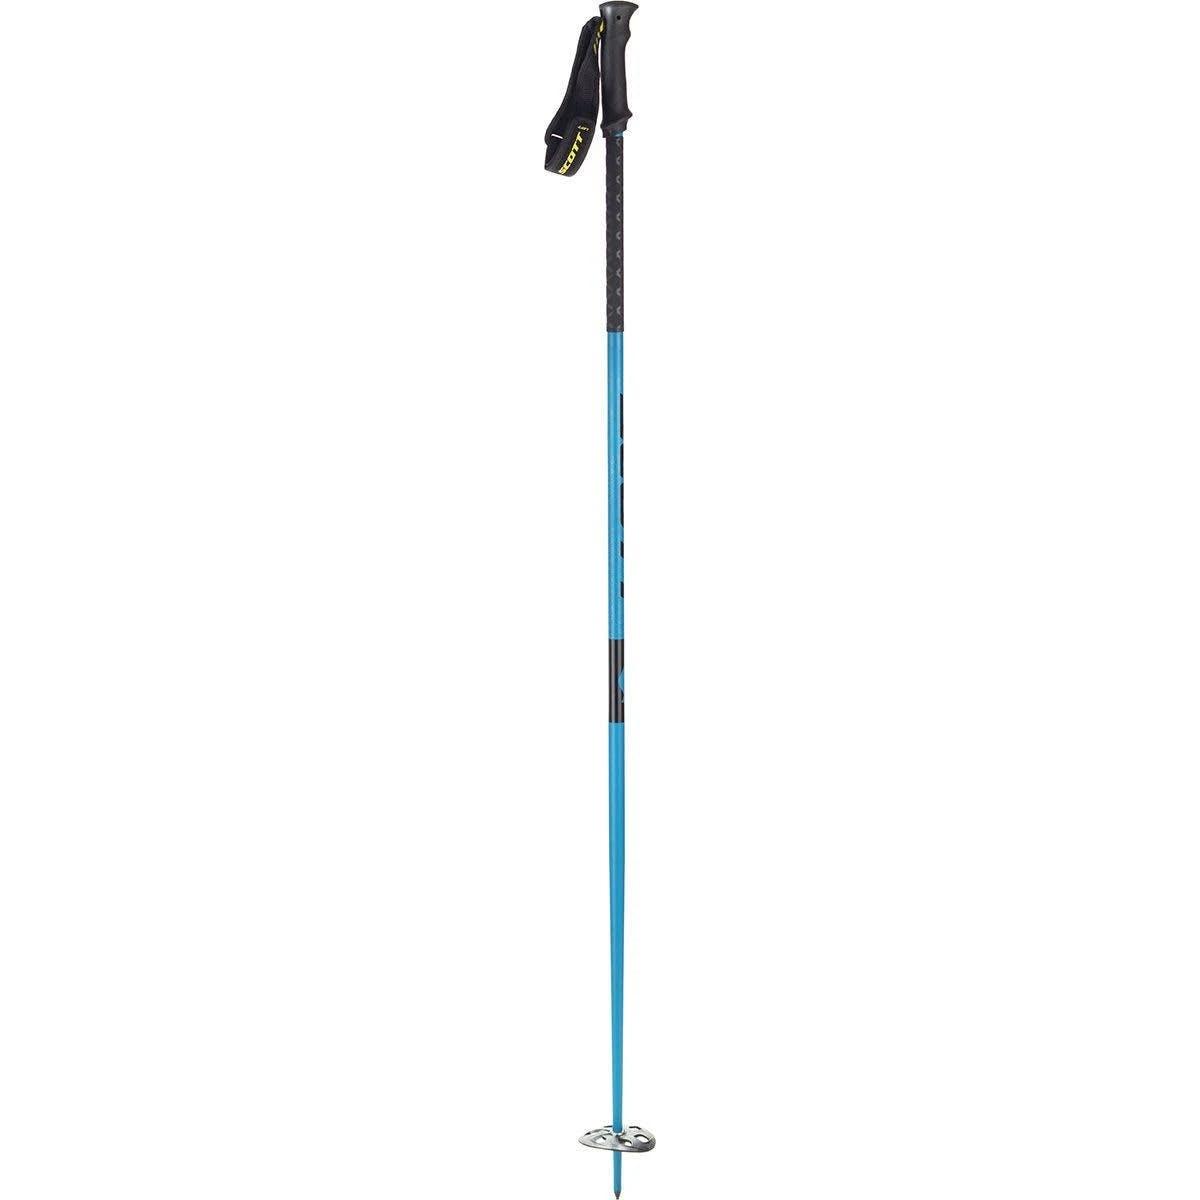 Scott Riot 18 Rubber Ski Poles Blue 125cm